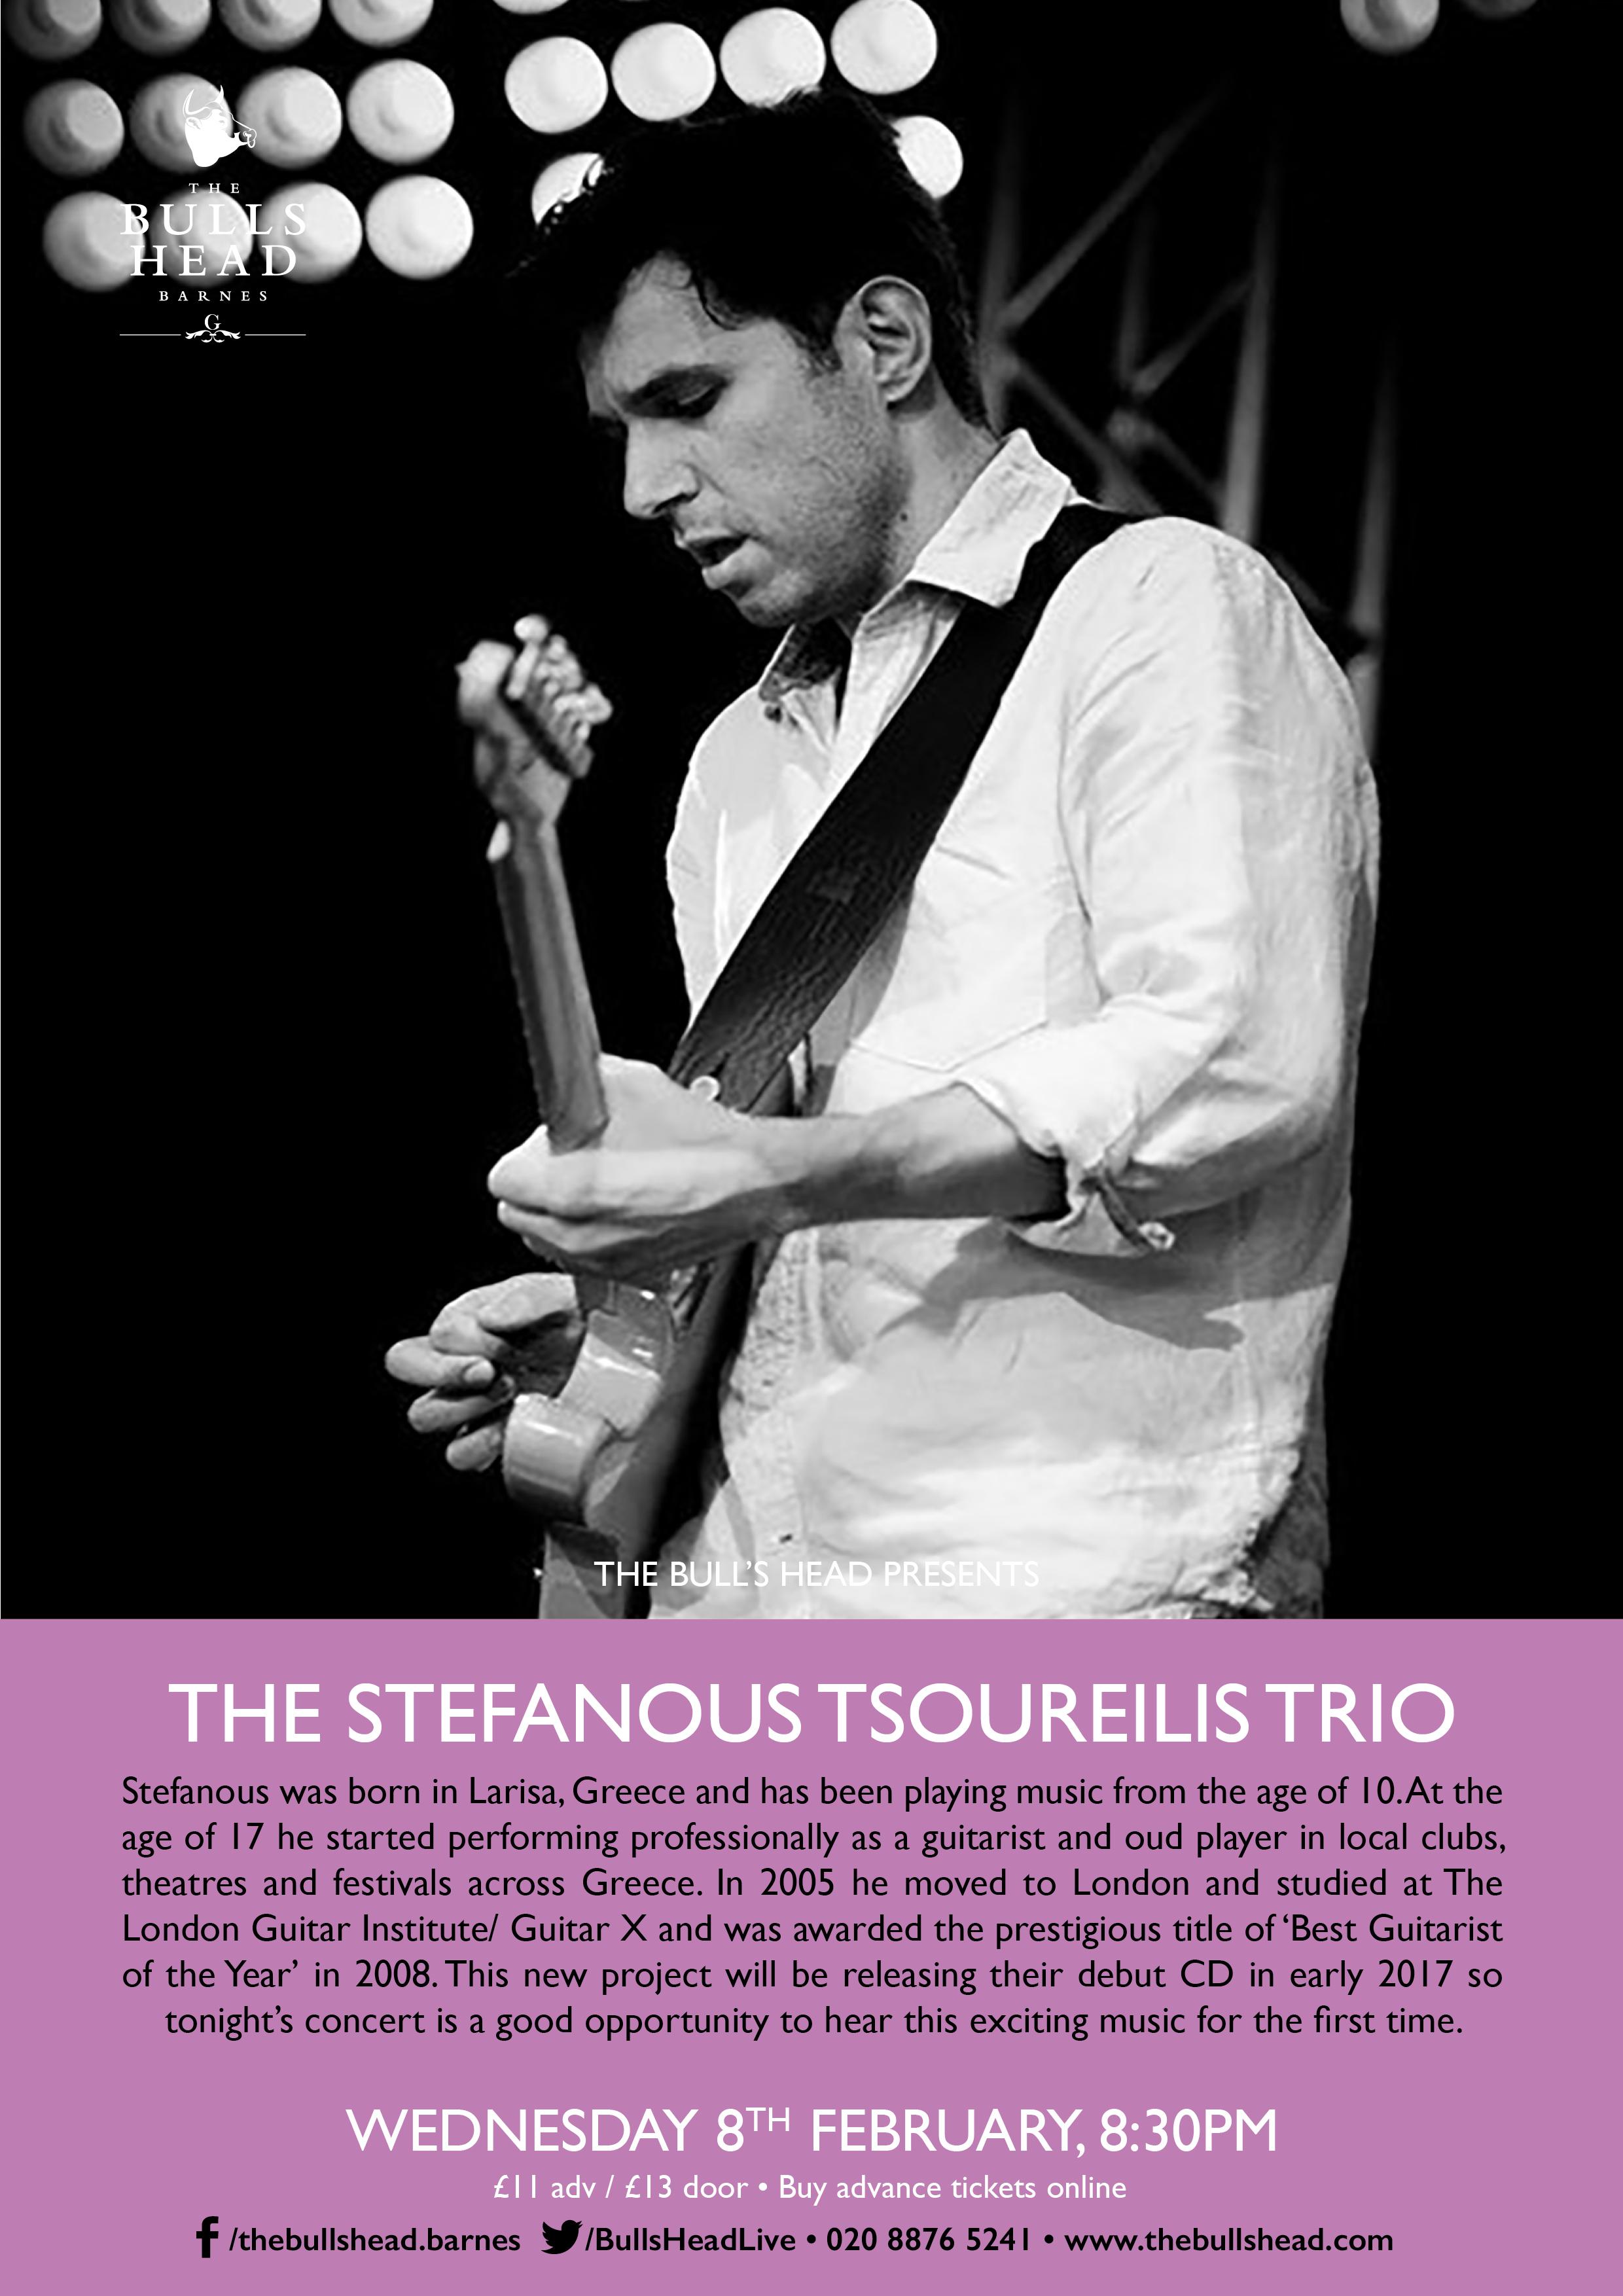 The Stefanous Tsoureilis Trio